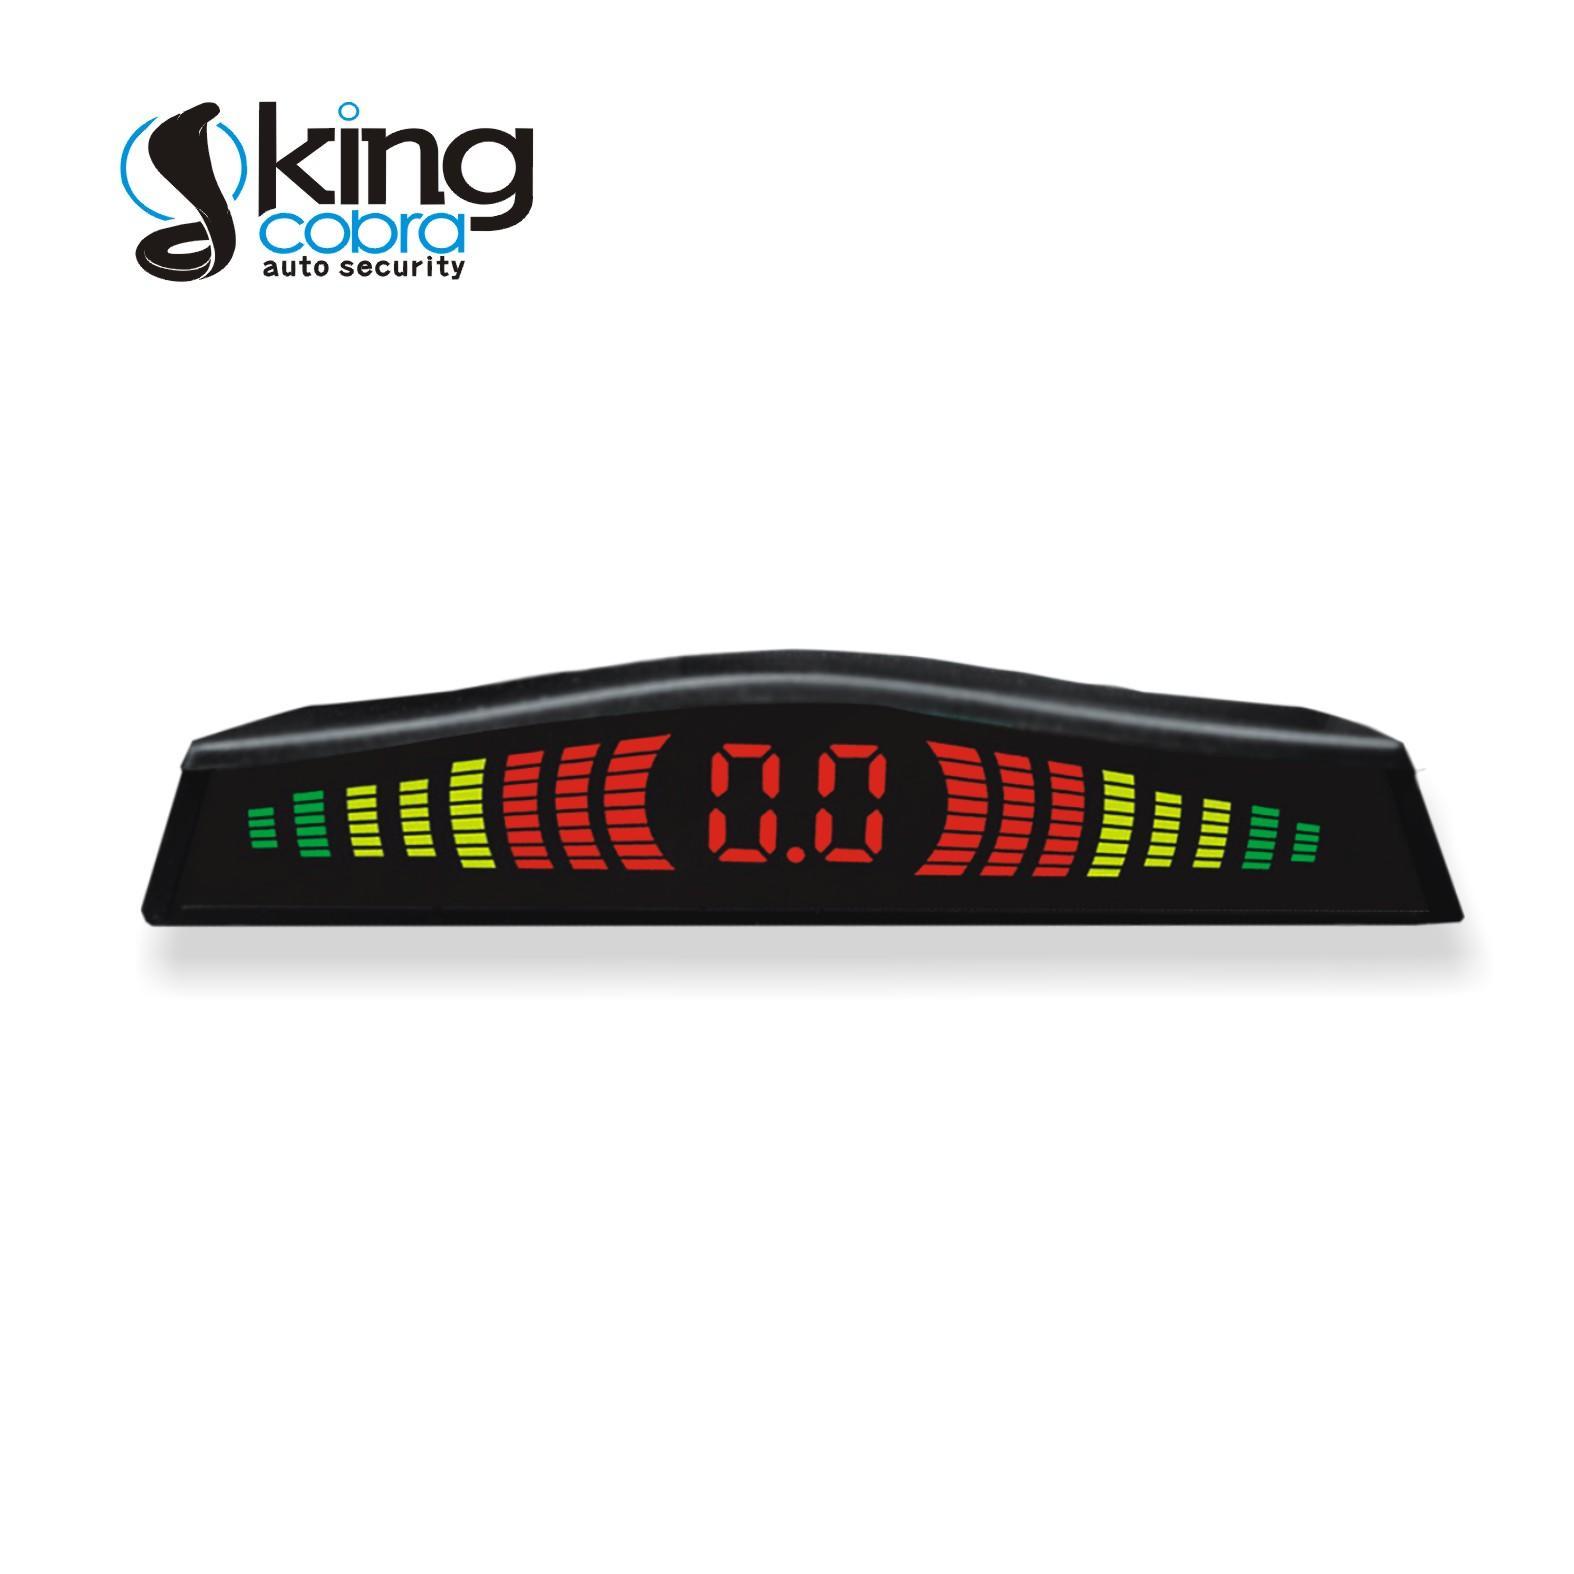 Kingcobra parking sensors supplier for car-2